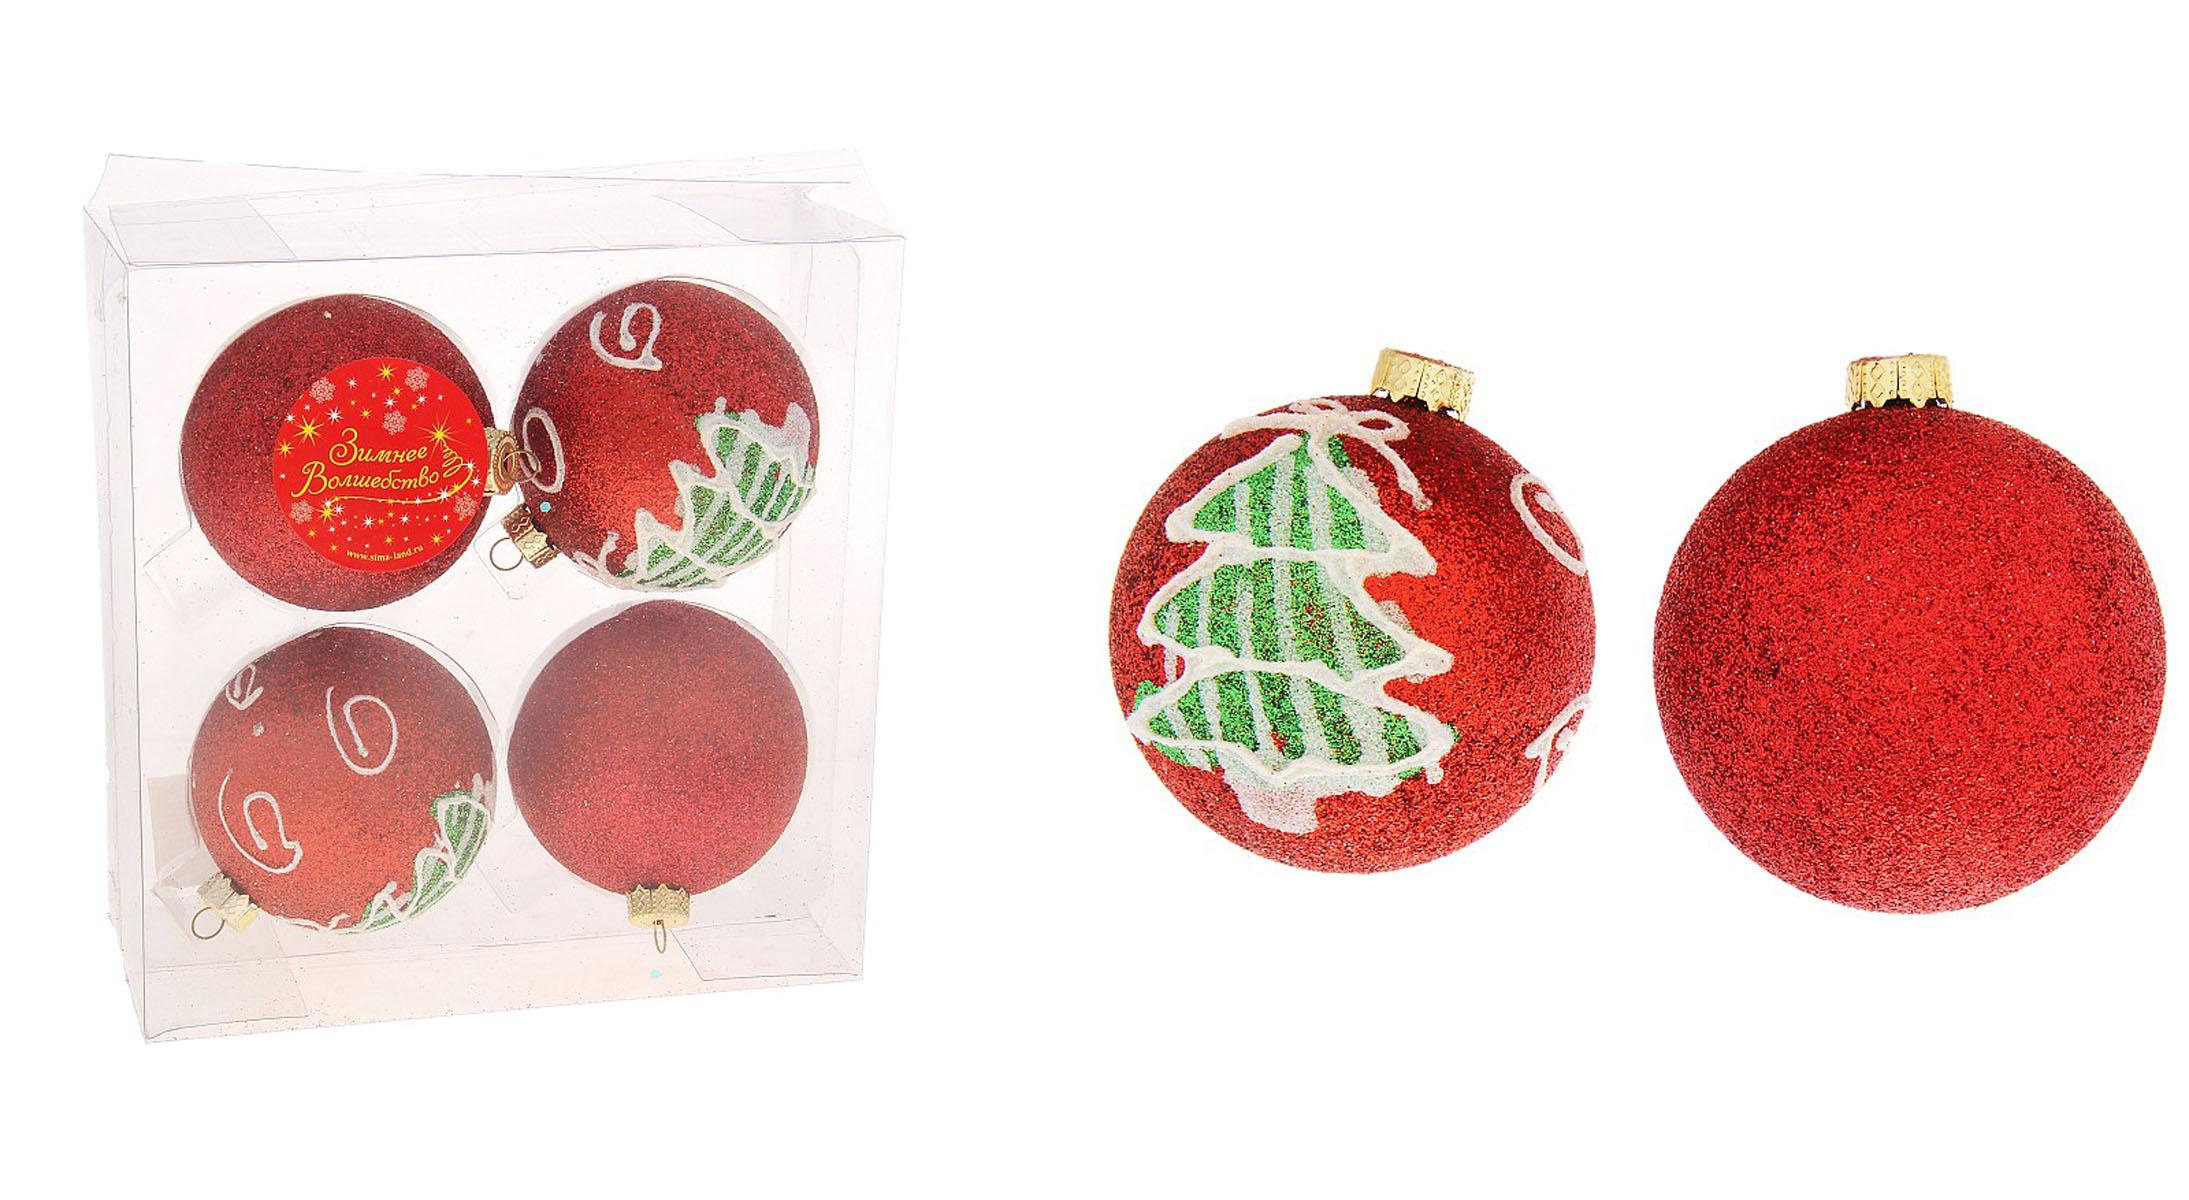 Набор новогодних подвесных украшений Sima-land Шар, цвет: красный, диаметр 7 см, 4 шт. 717930717930Набор новогодних подвесных украшений Sima-land Шар прекрасно подойдет для праздничного декора новогодней ели. Набор состоит из 4 игрушек, выполненных из пластика и украшенных блестками. Для удобного размещения на елке для каждой игрушки предусмотрена текстильная петелька. Елочная игрушка - символ Нового года. Она несет в себе волшебство и красоту праздника. Создайте в своем доме атмосферу веселья и радости, украшая новогоднюю елку нарядными игрушками, которые будут из года в год накапливать теплоту воспоминаний. Коллекция декоративных украшений принесет в ваш дом ни с чем не сравнимое ощущение волшебства! Откройте для себя удивительный мир сказок и грез. Почувствуйте волшебные минуты ожидания праздника, создайте новогоднее настроение вашим дорогим и близким.